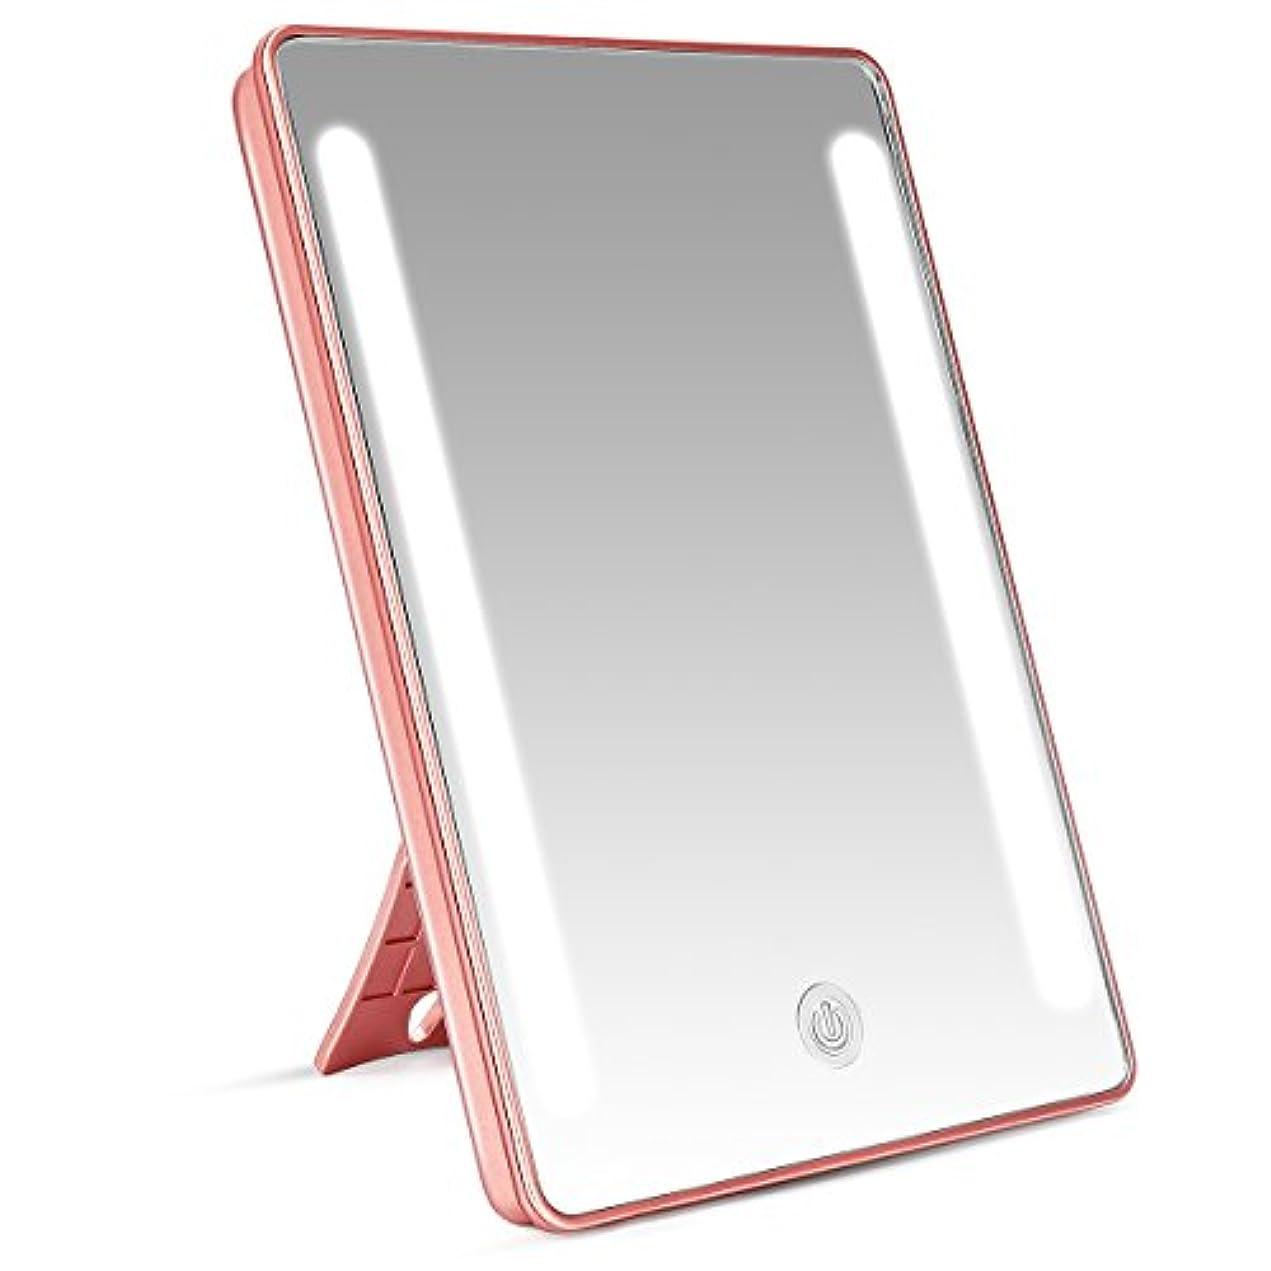 活気づく典型的な親密なLEEPWEI 鏡 卓上 化粧鏡 LEDライト付き 女優ミラー スタンド/壁掛け両用 卓上ミラー 明るさ調整可能 180度回転 USB/電池給電 新年プレゼント(ピンクゴールド)